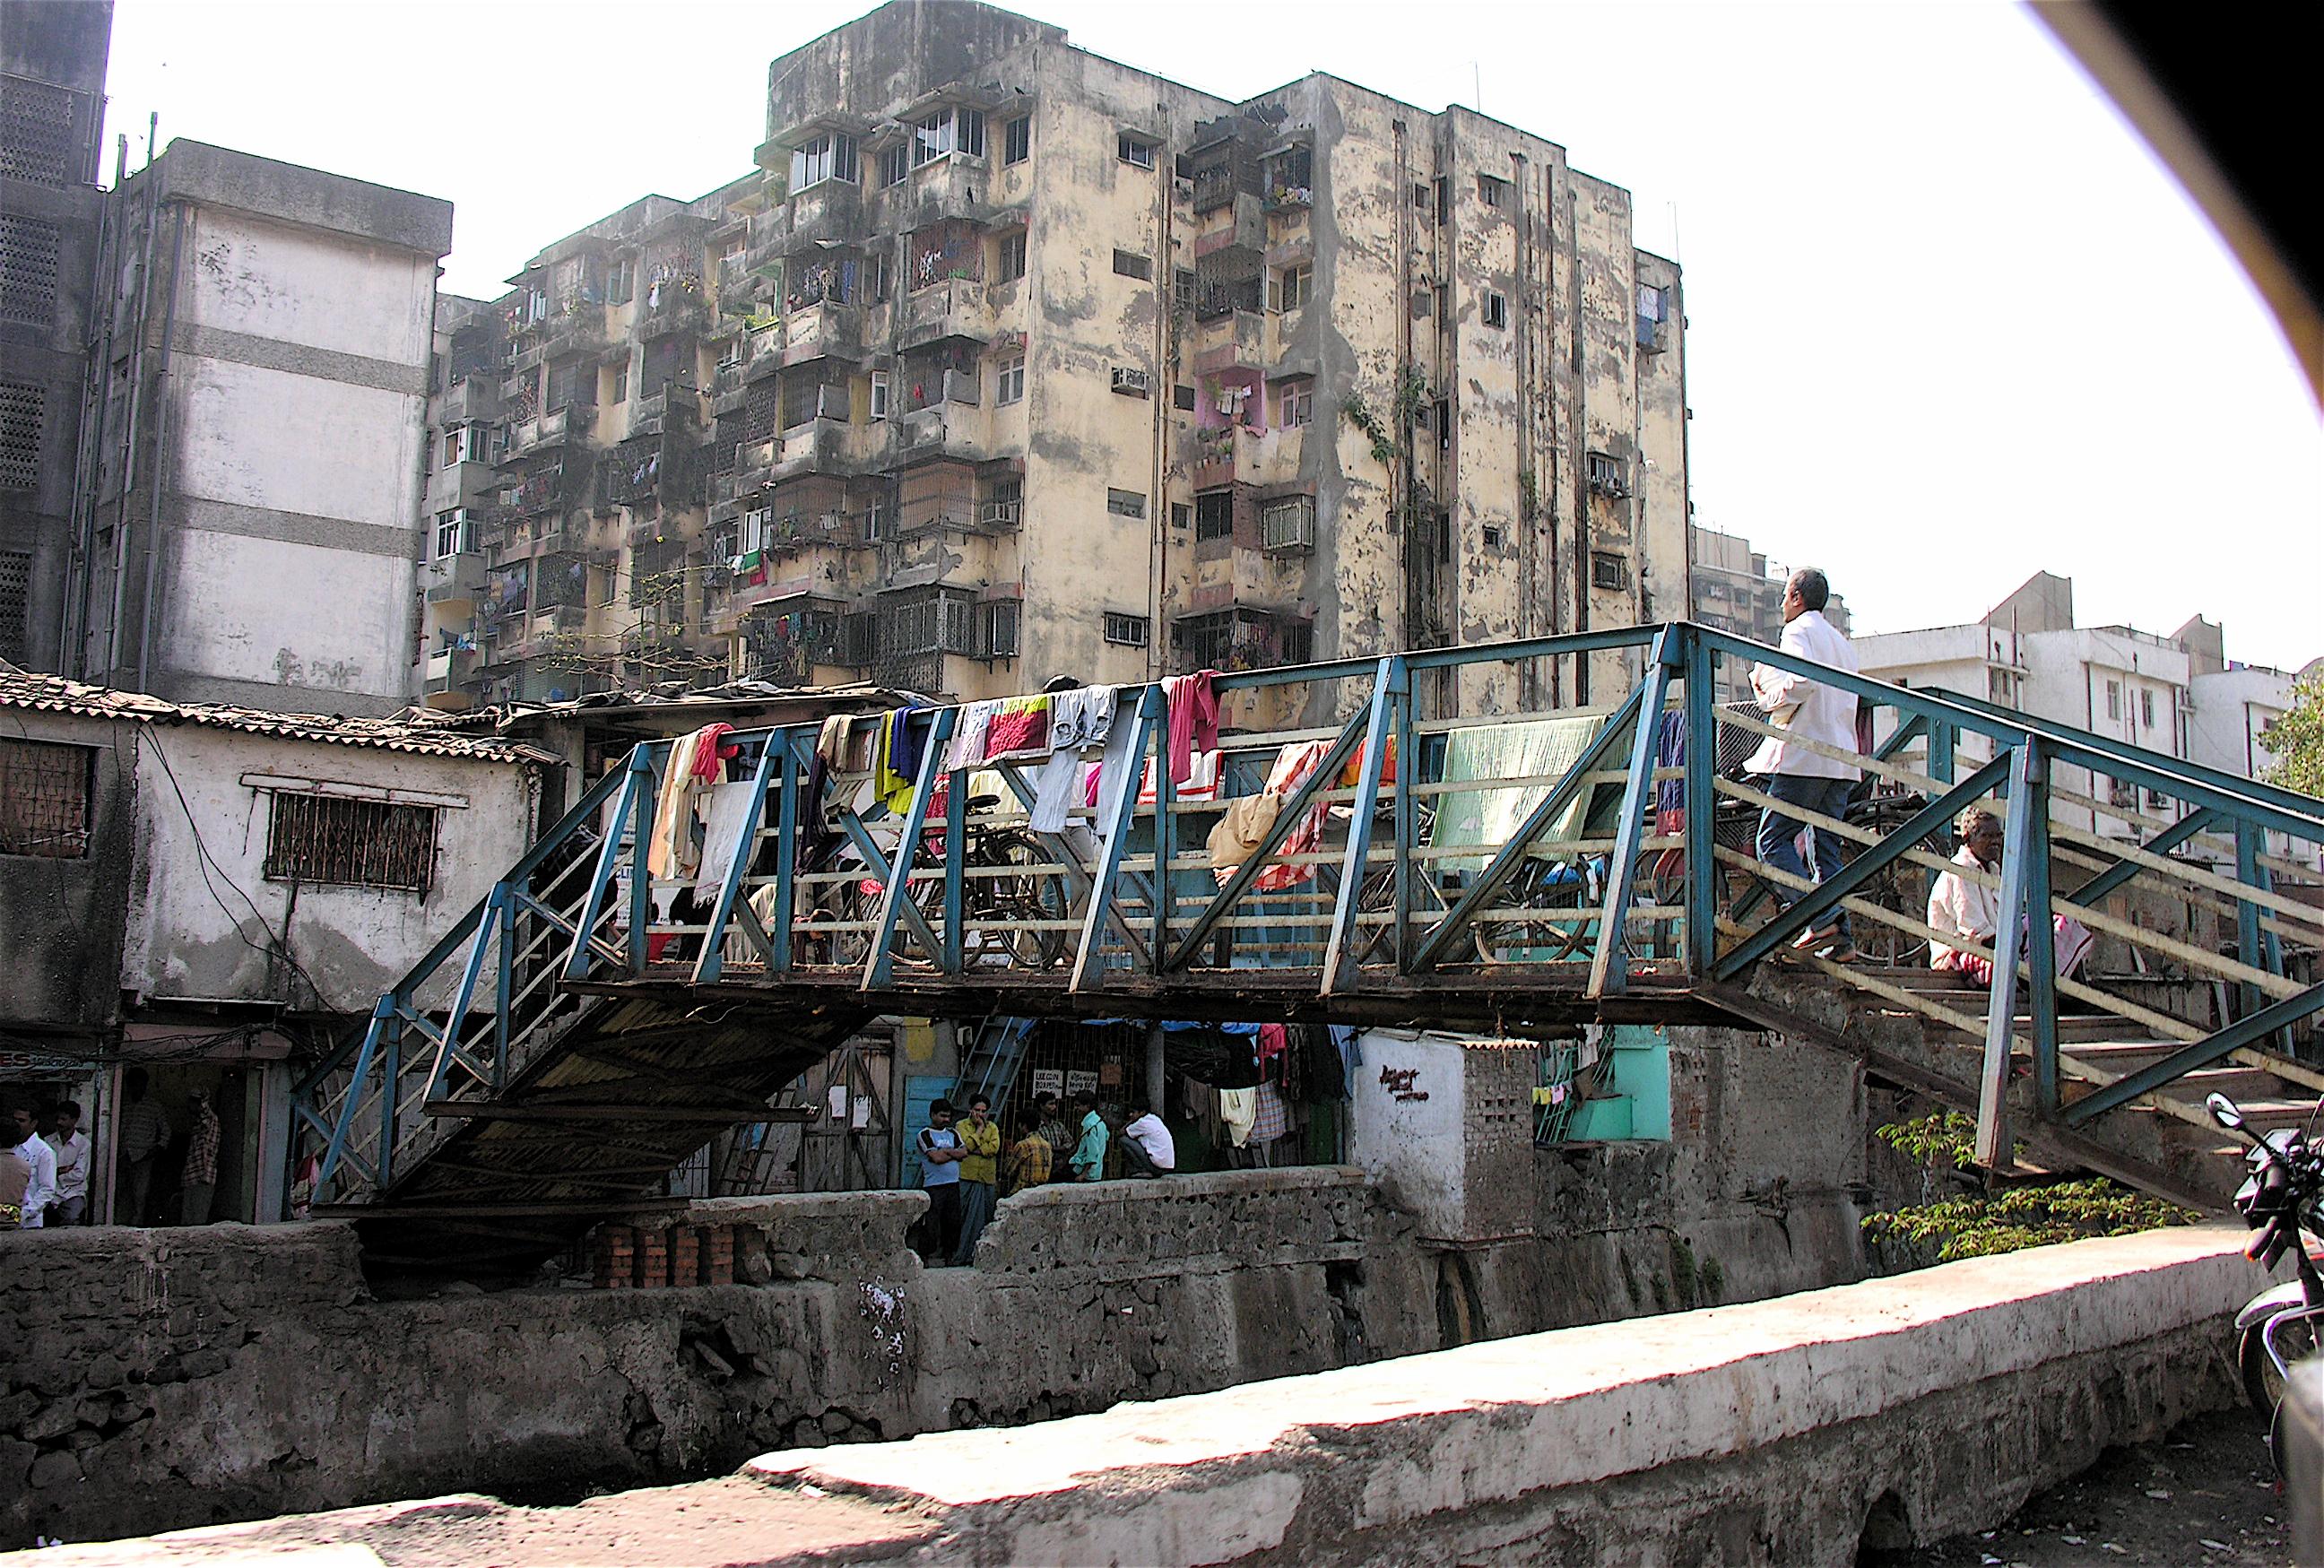 entrance to the largest slum in Mumbai